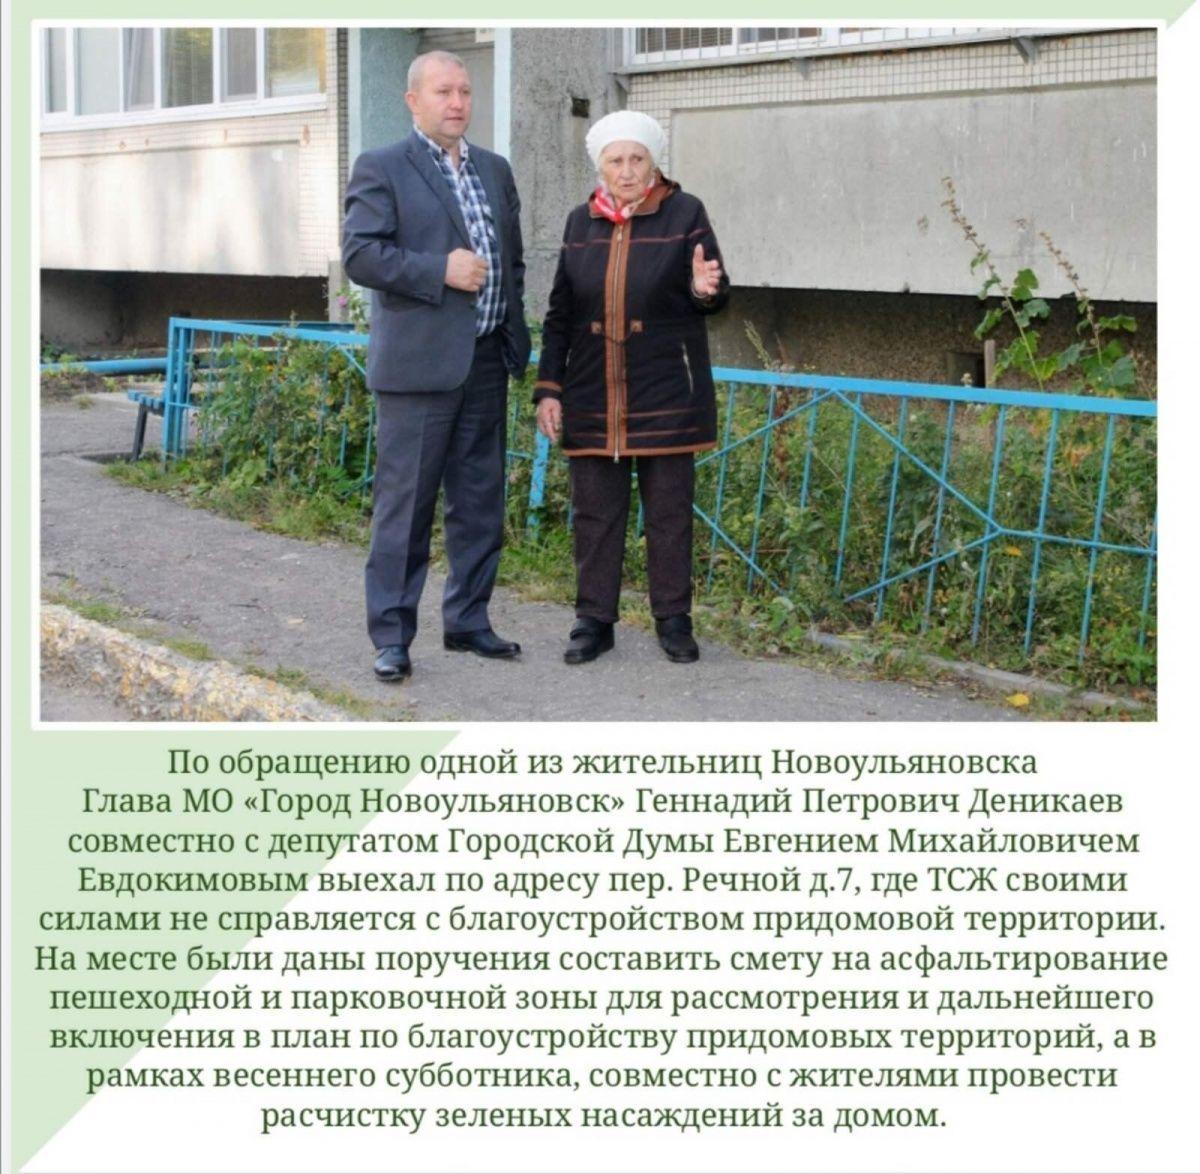 Работа в новоульяновск модели онлайн смоленск